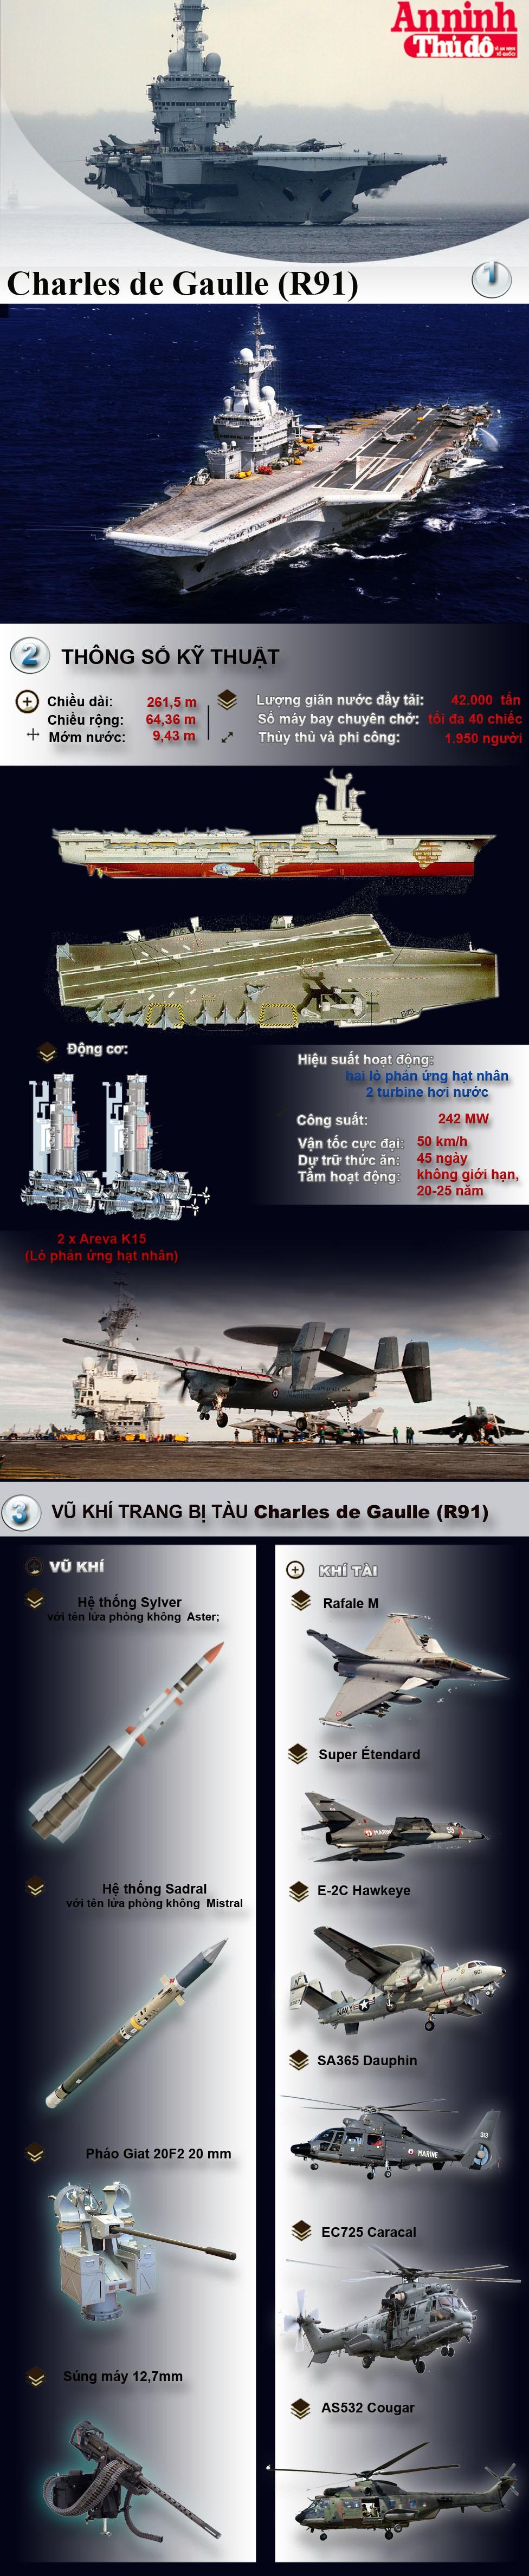 [Infographic] Sức mạnh tàu sân bay hạt nhân mạnh nhất Tây Âu - Charles de Gaulle ảnh 1